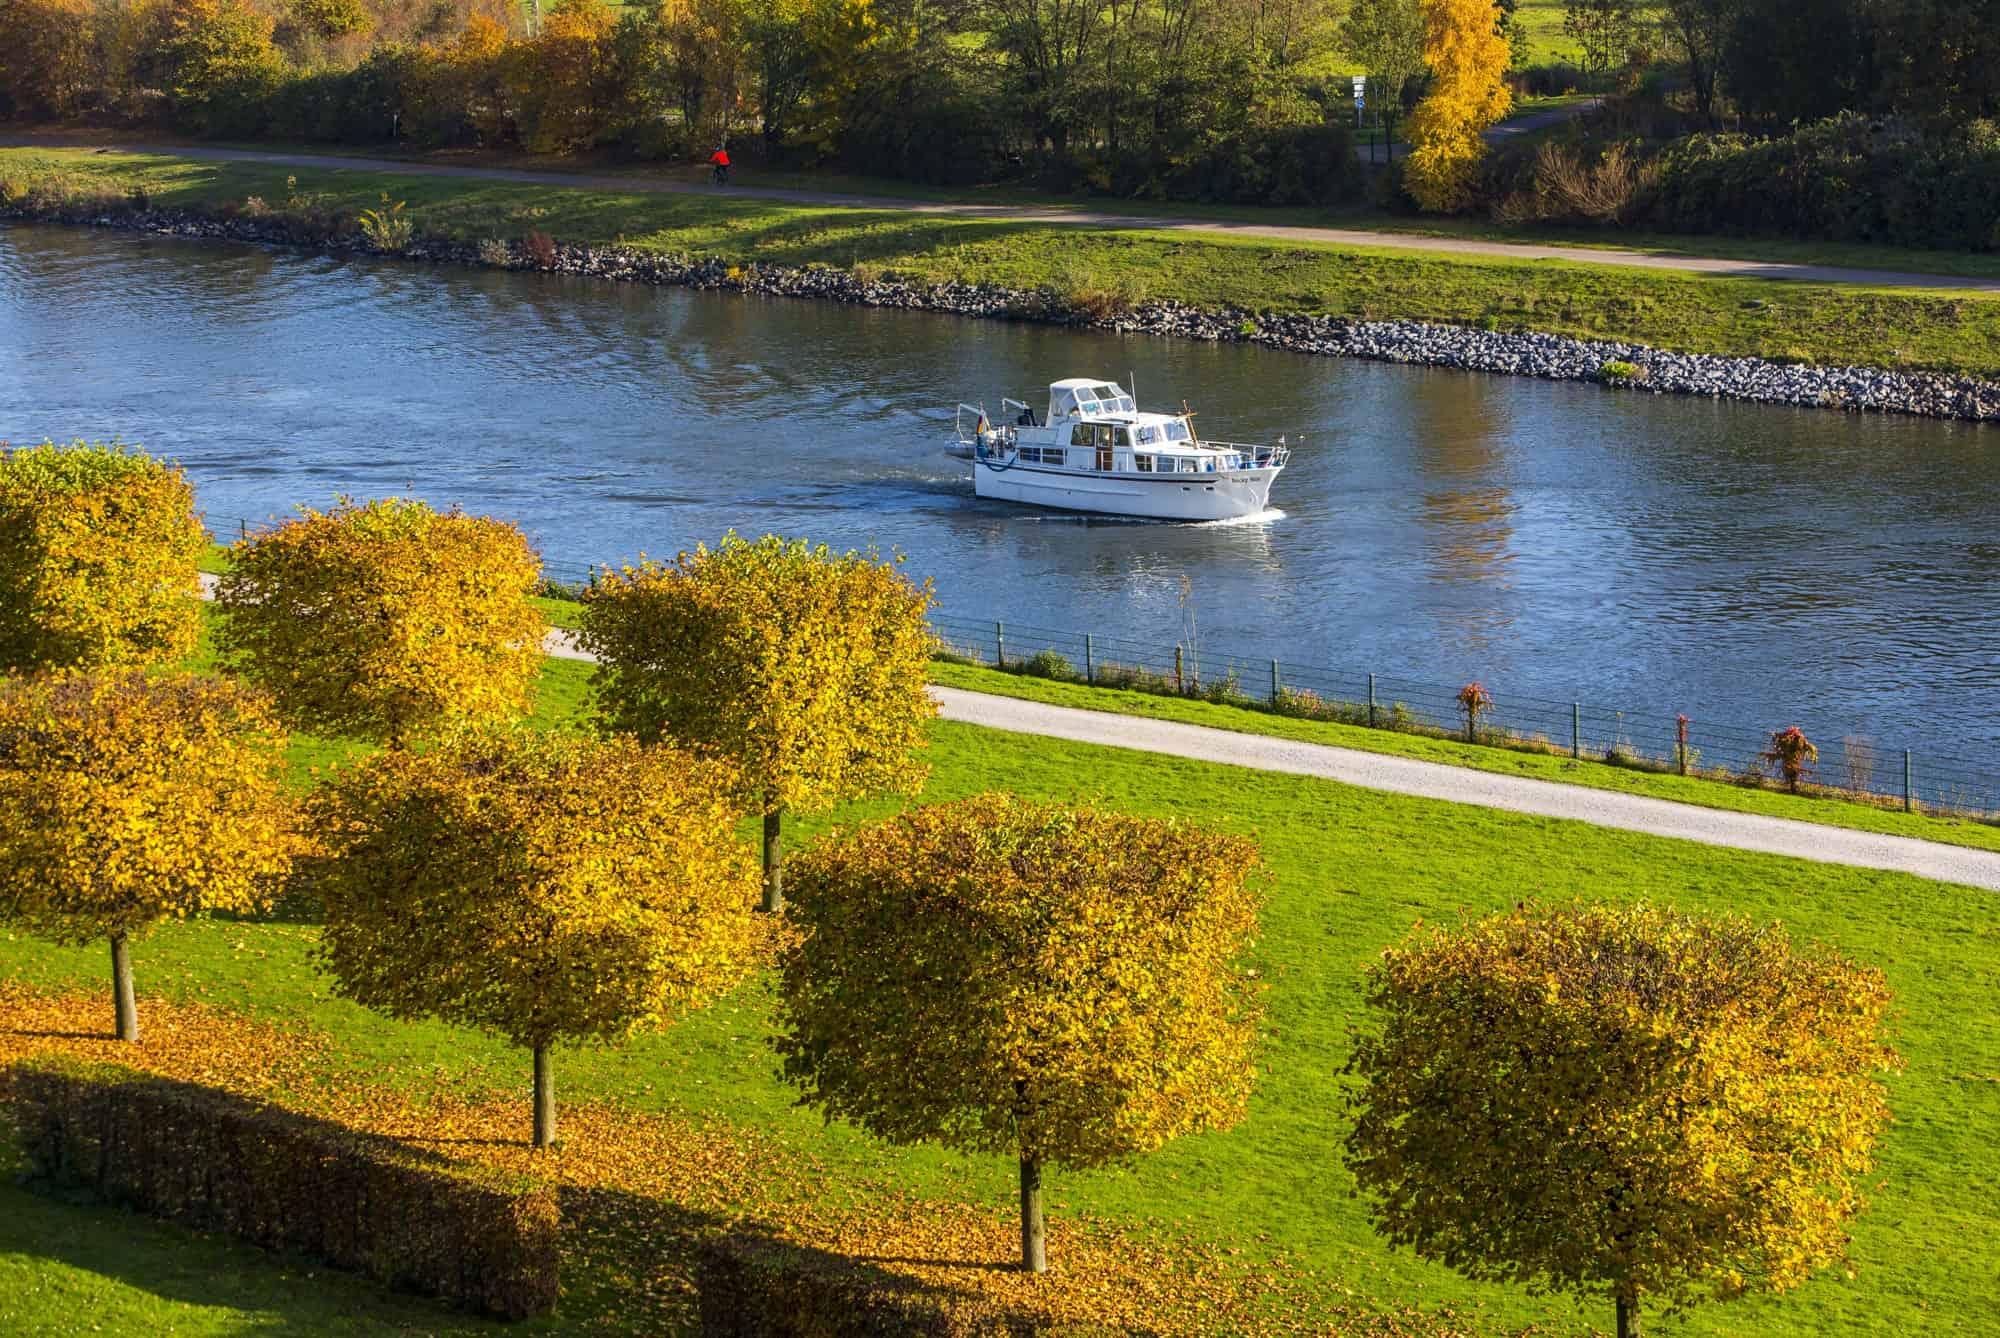 Gelsenkirchen Nordsternpark und Rhein Herne Kanal JT-151031-830-min